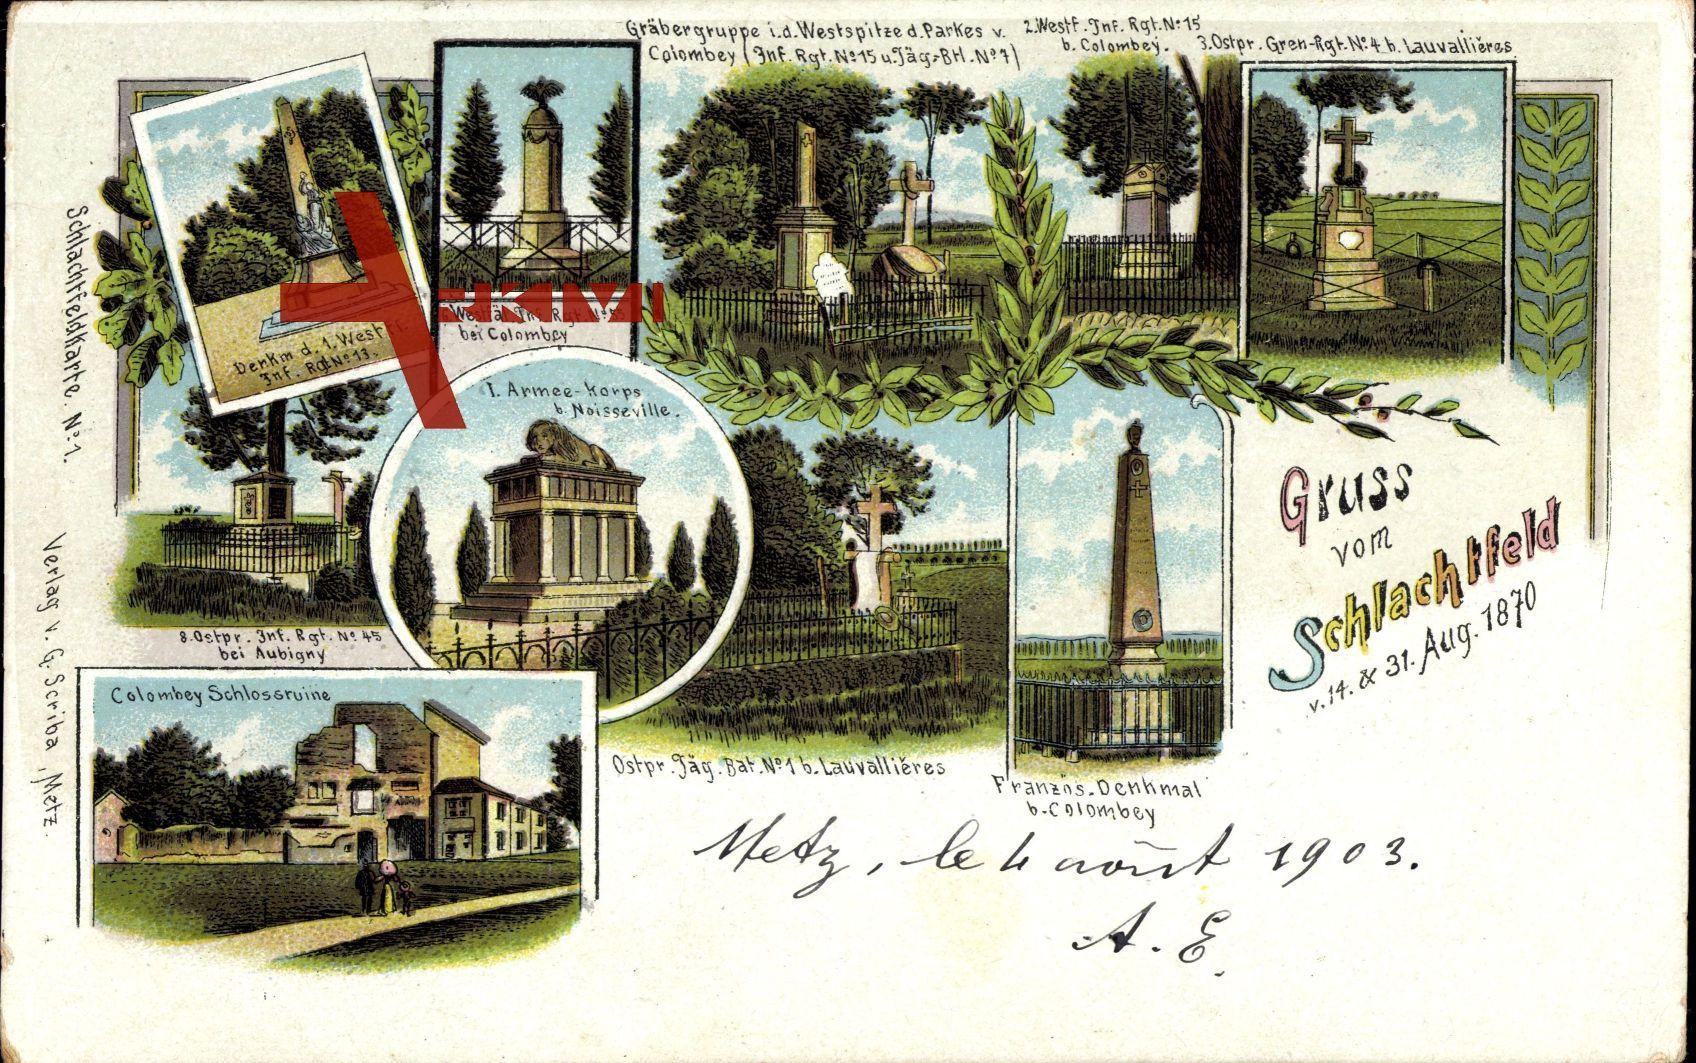 Moselle, Schlachtfeld, 31 August 1870, Kriegsdenkmäler, Colombey Schloss